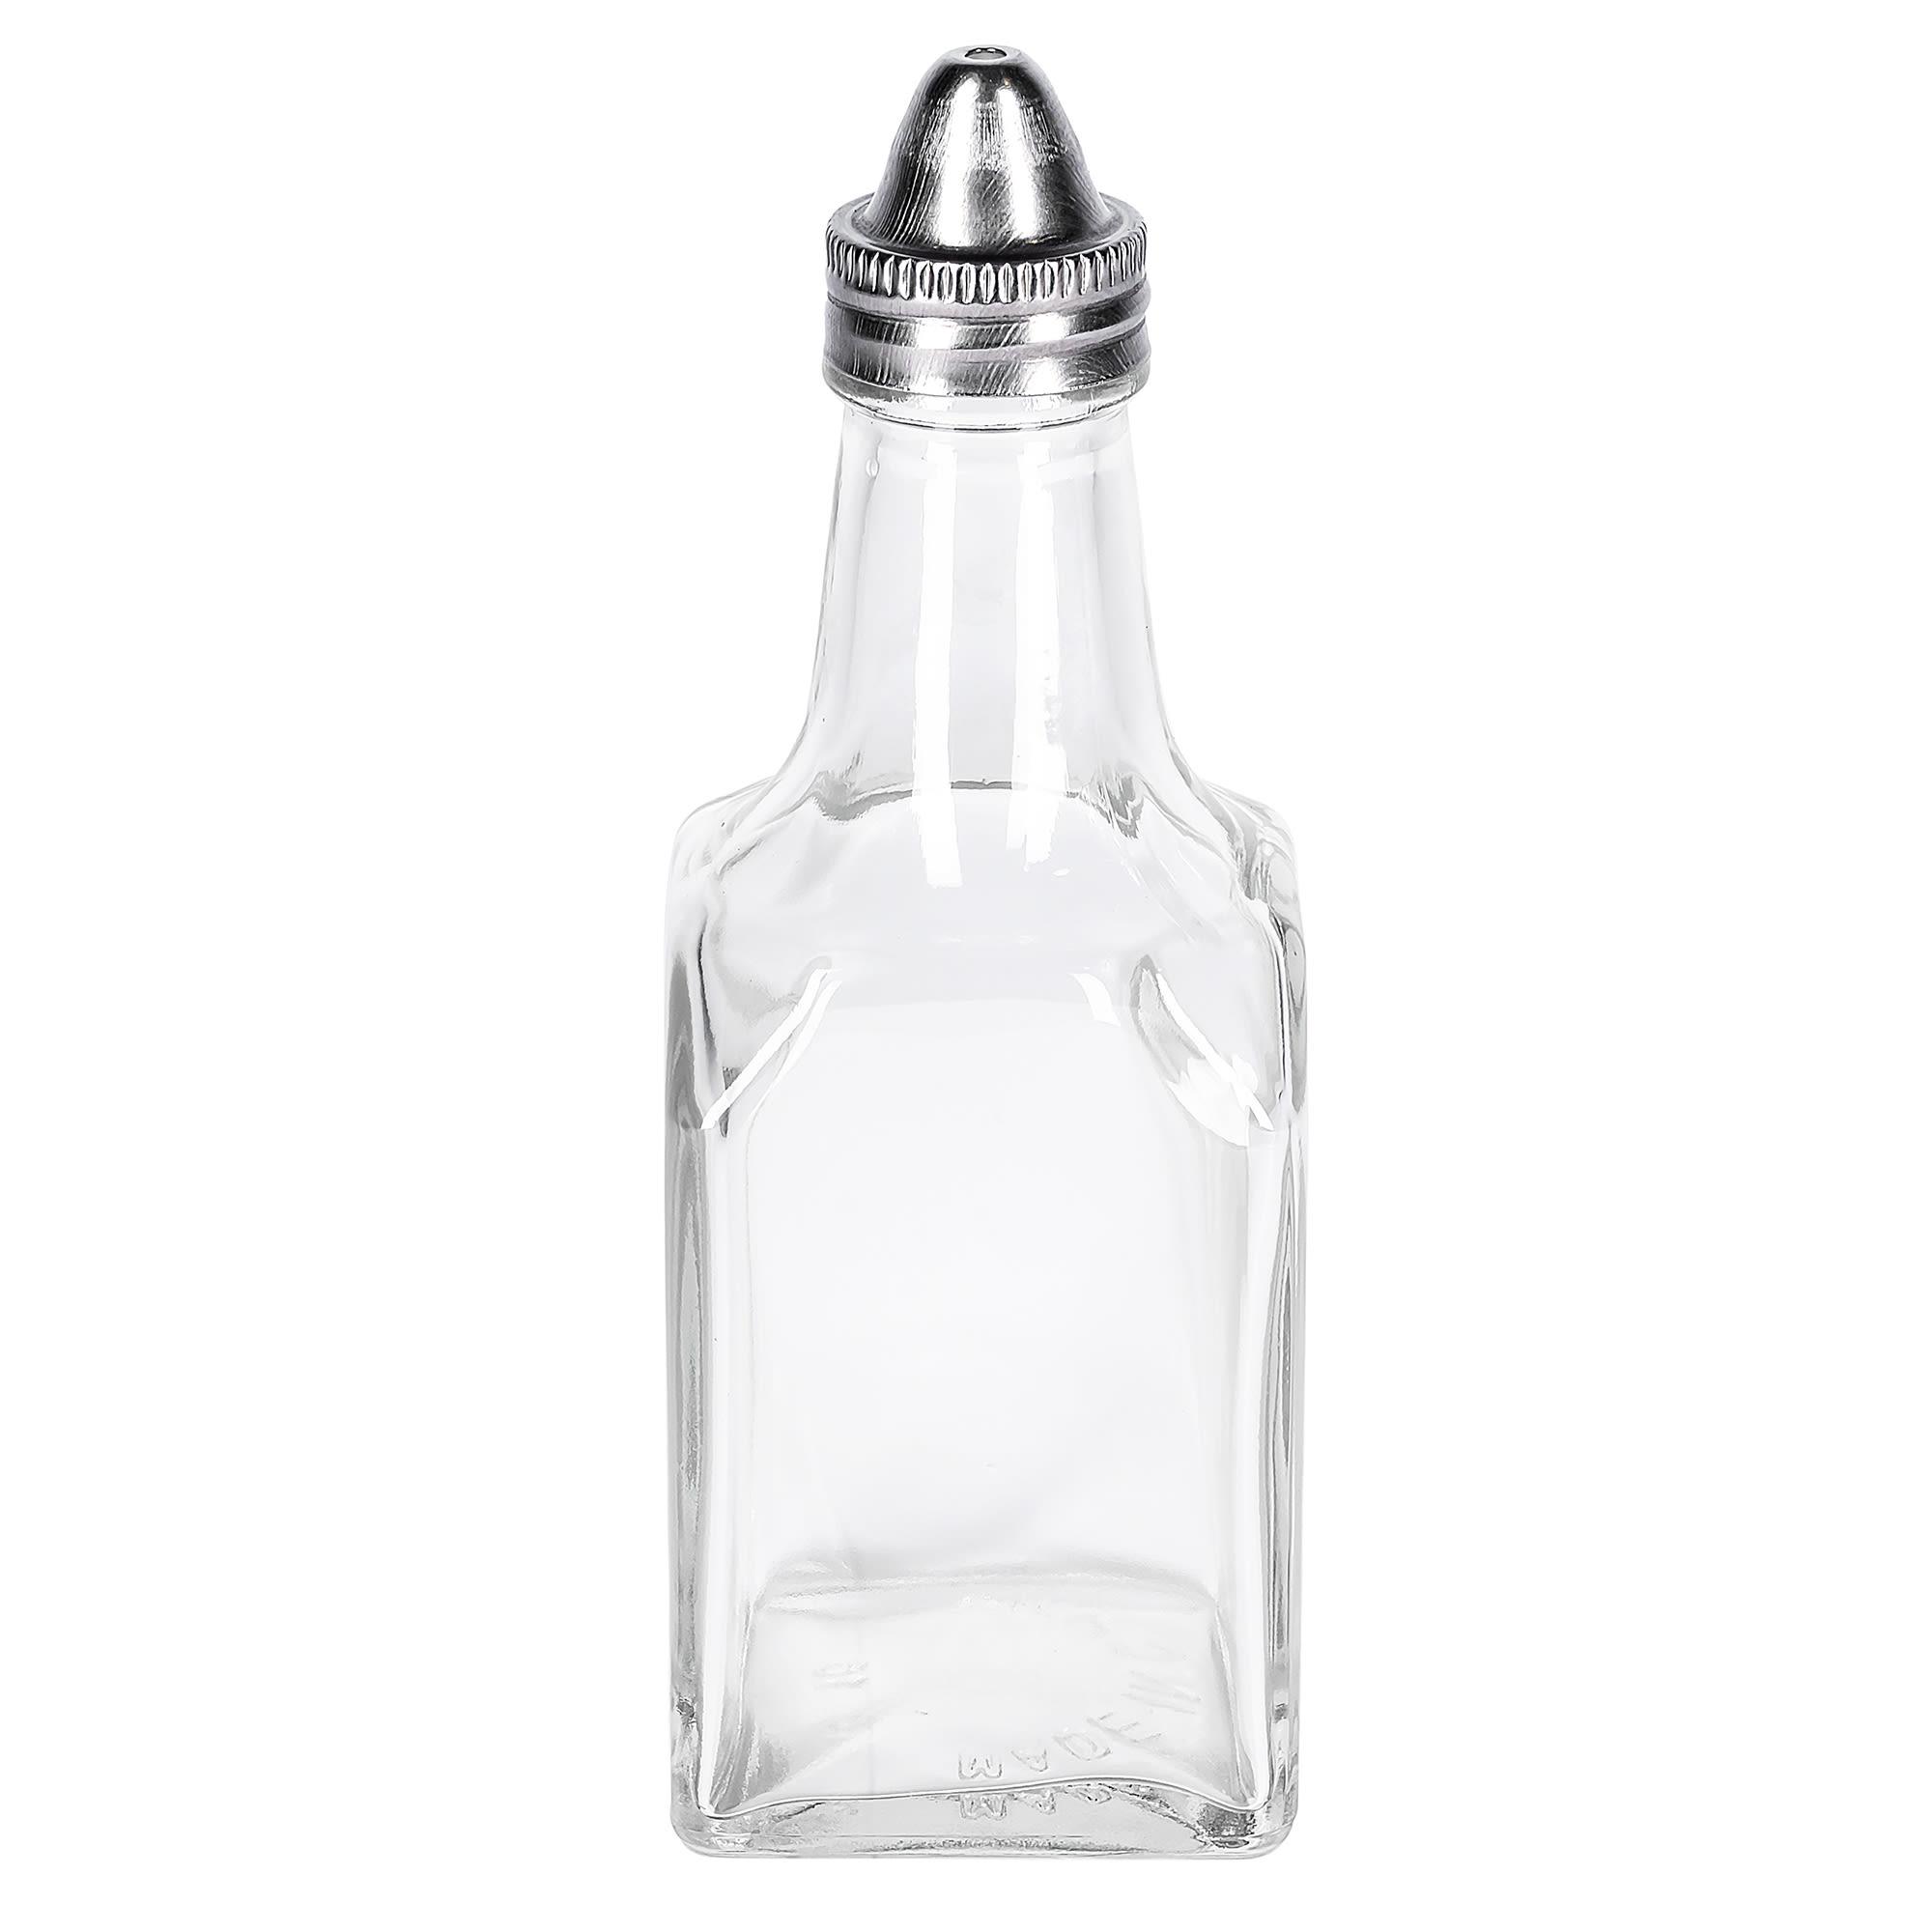 Winco G-104 6-oz Glass Oil & Vinegar Cruet